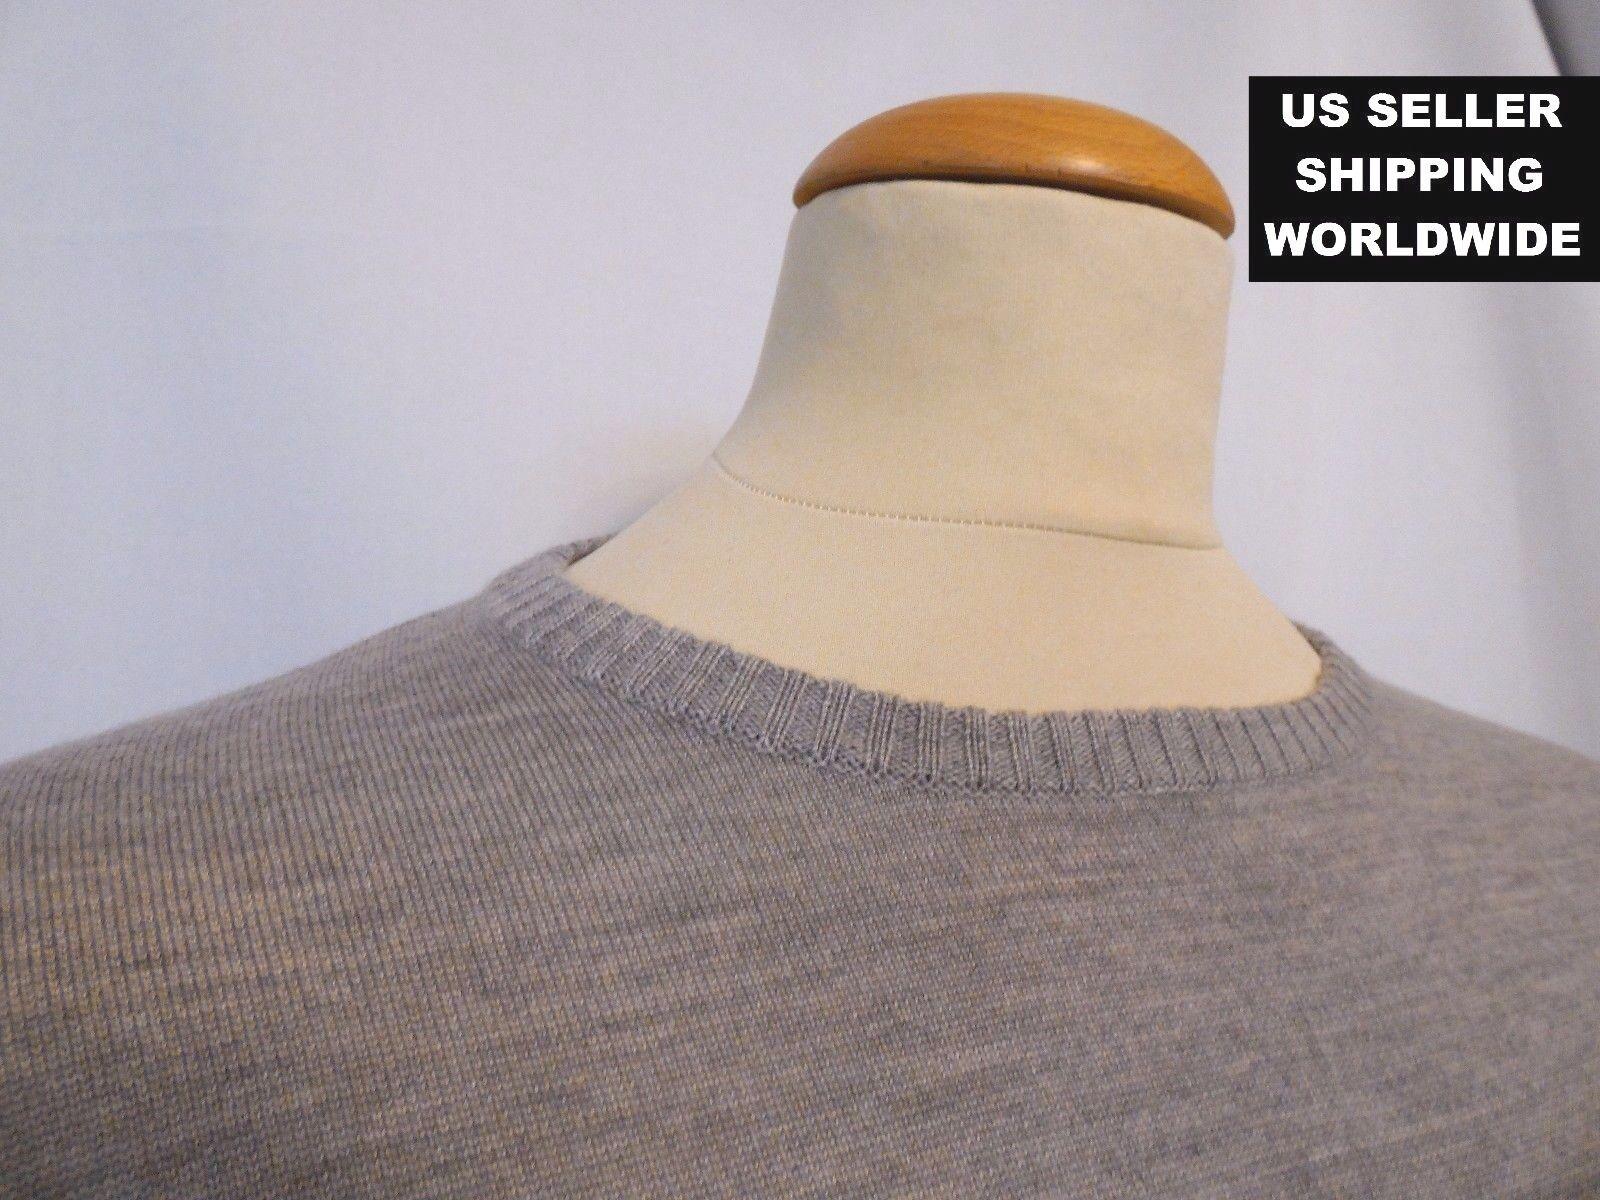 475.00 WoolSilkCashmere Blend BILLY REID grau XXL schweißer Please Make An Offer